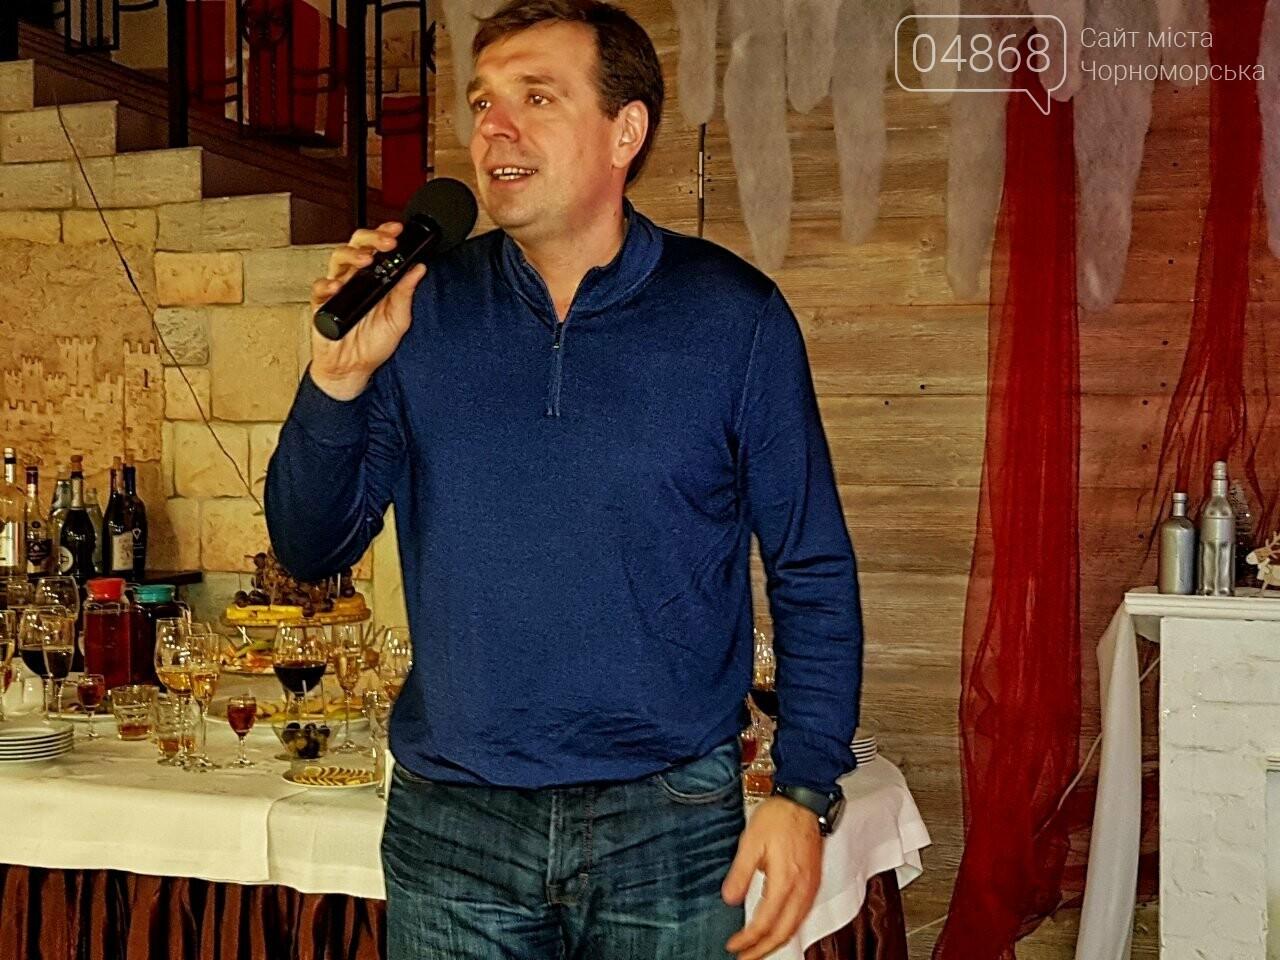 Руководство Ильичевского судоремонтного завода поздравляет с наступающими праздниками, фото-1